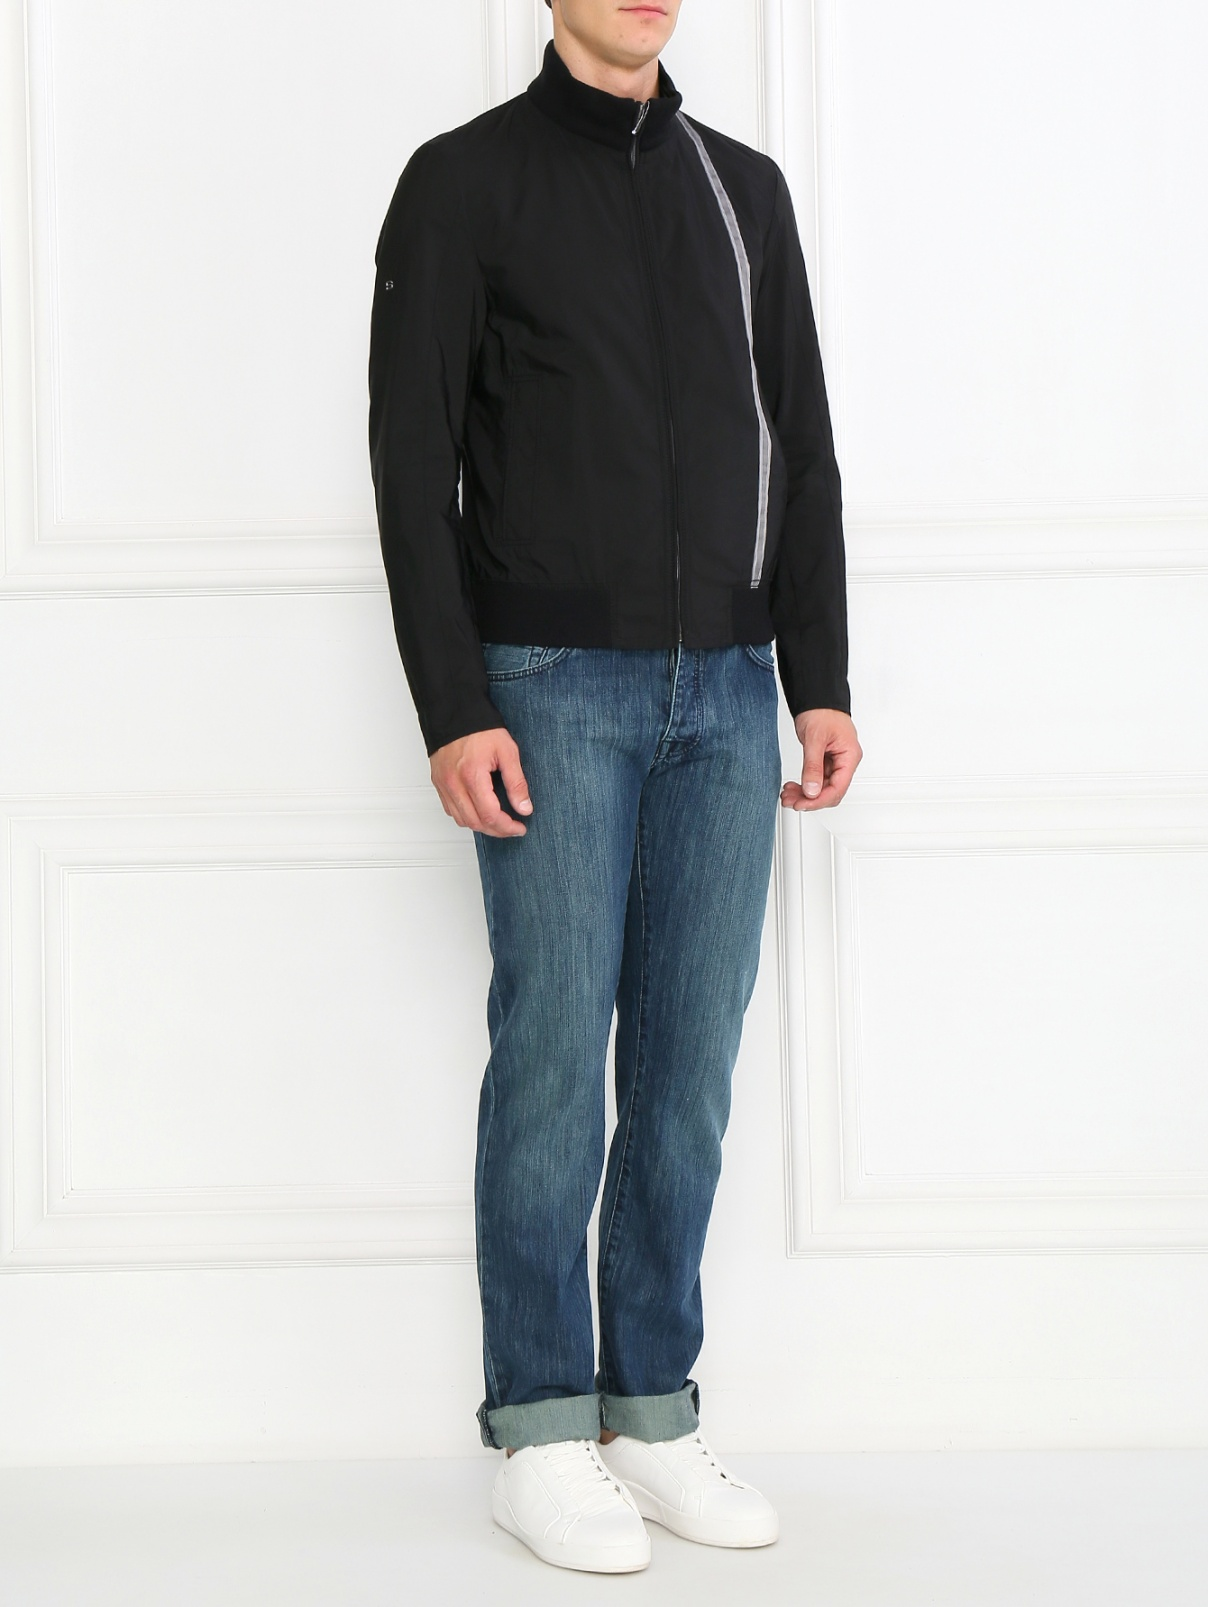 Куртка  на молнии с контрастной вставкой BOSS  –  Модель Общий вид  – Цвет:  Черный